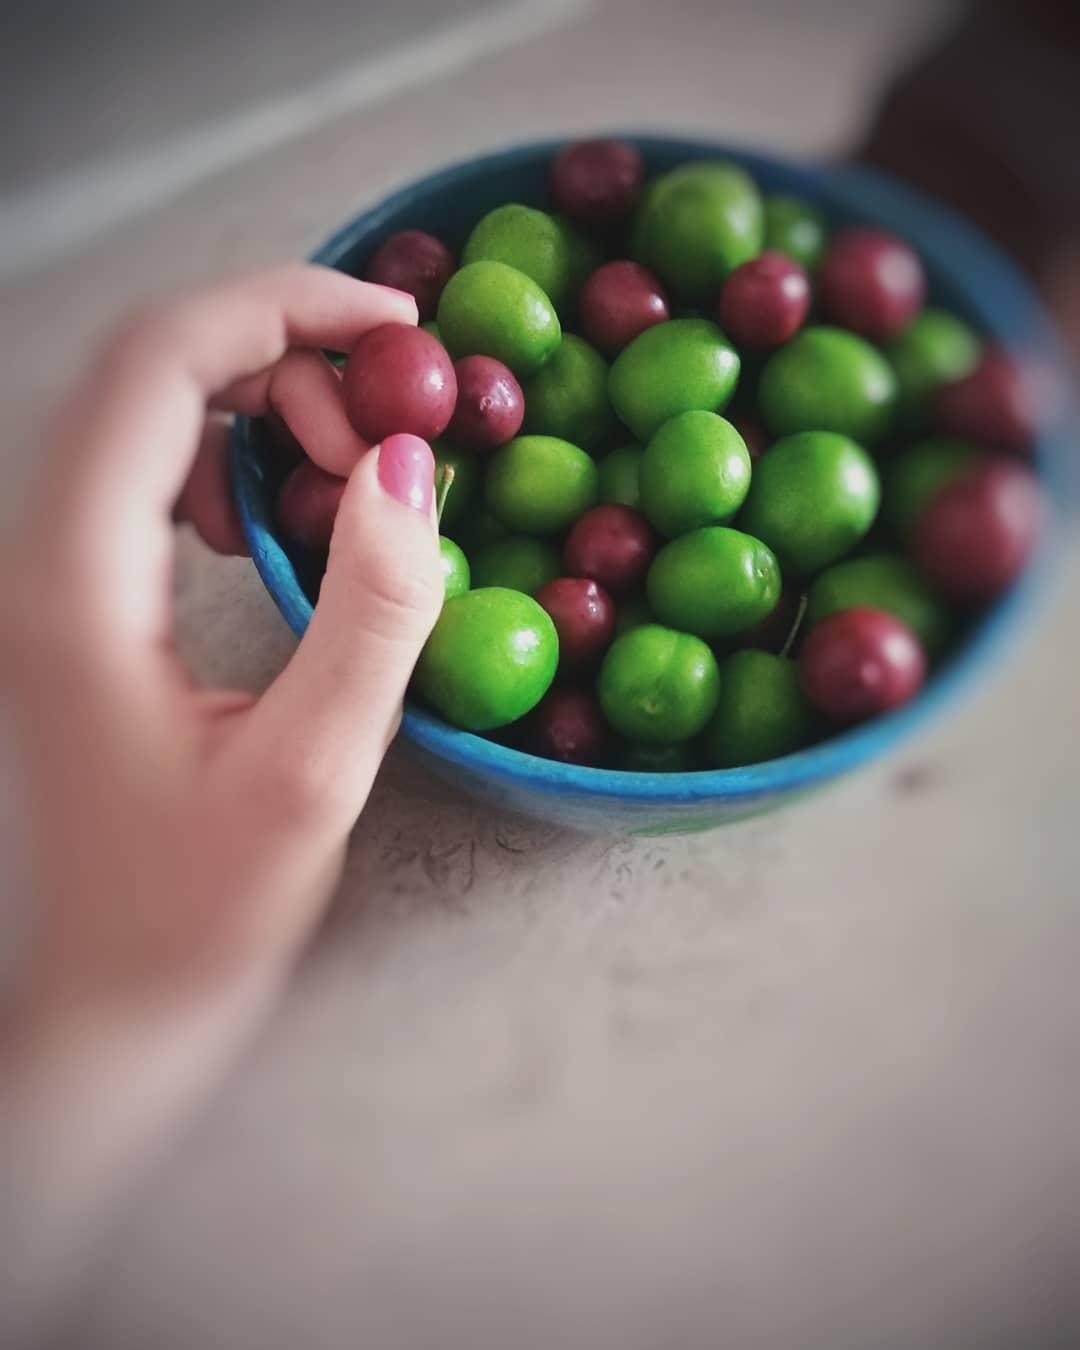 میوه های نوبرونه گوجه سبز